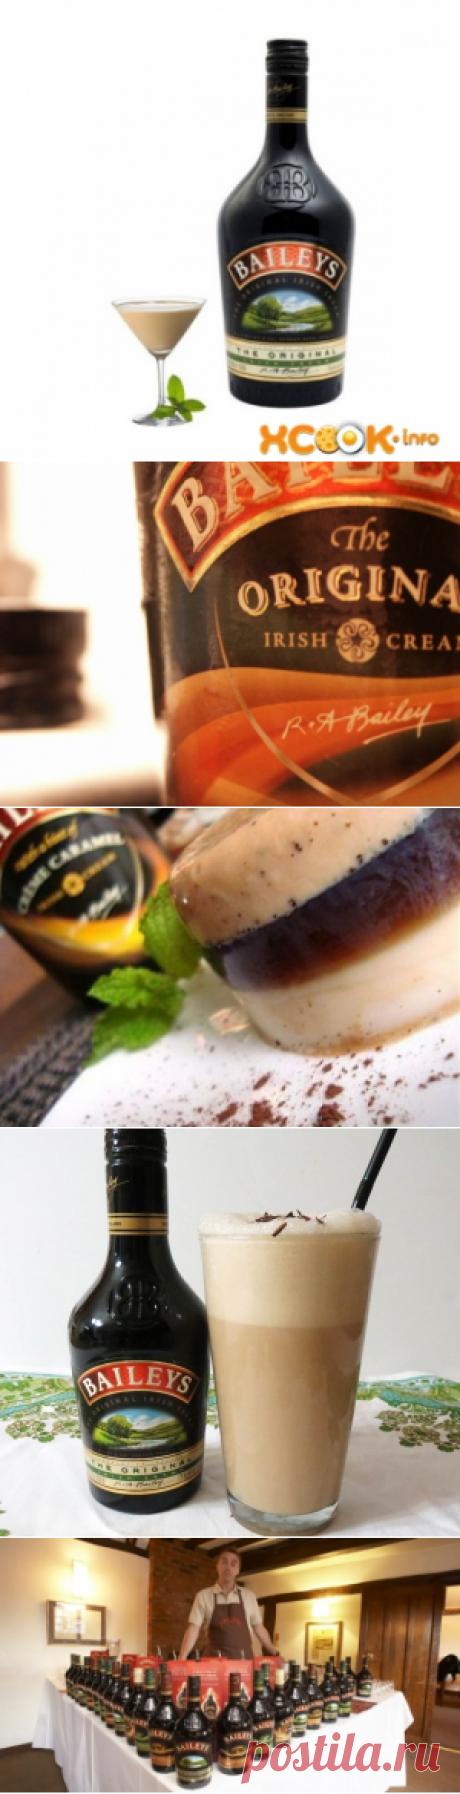 Ликер Бейлис – его состав; как пить; рецепты домашнего приготовления